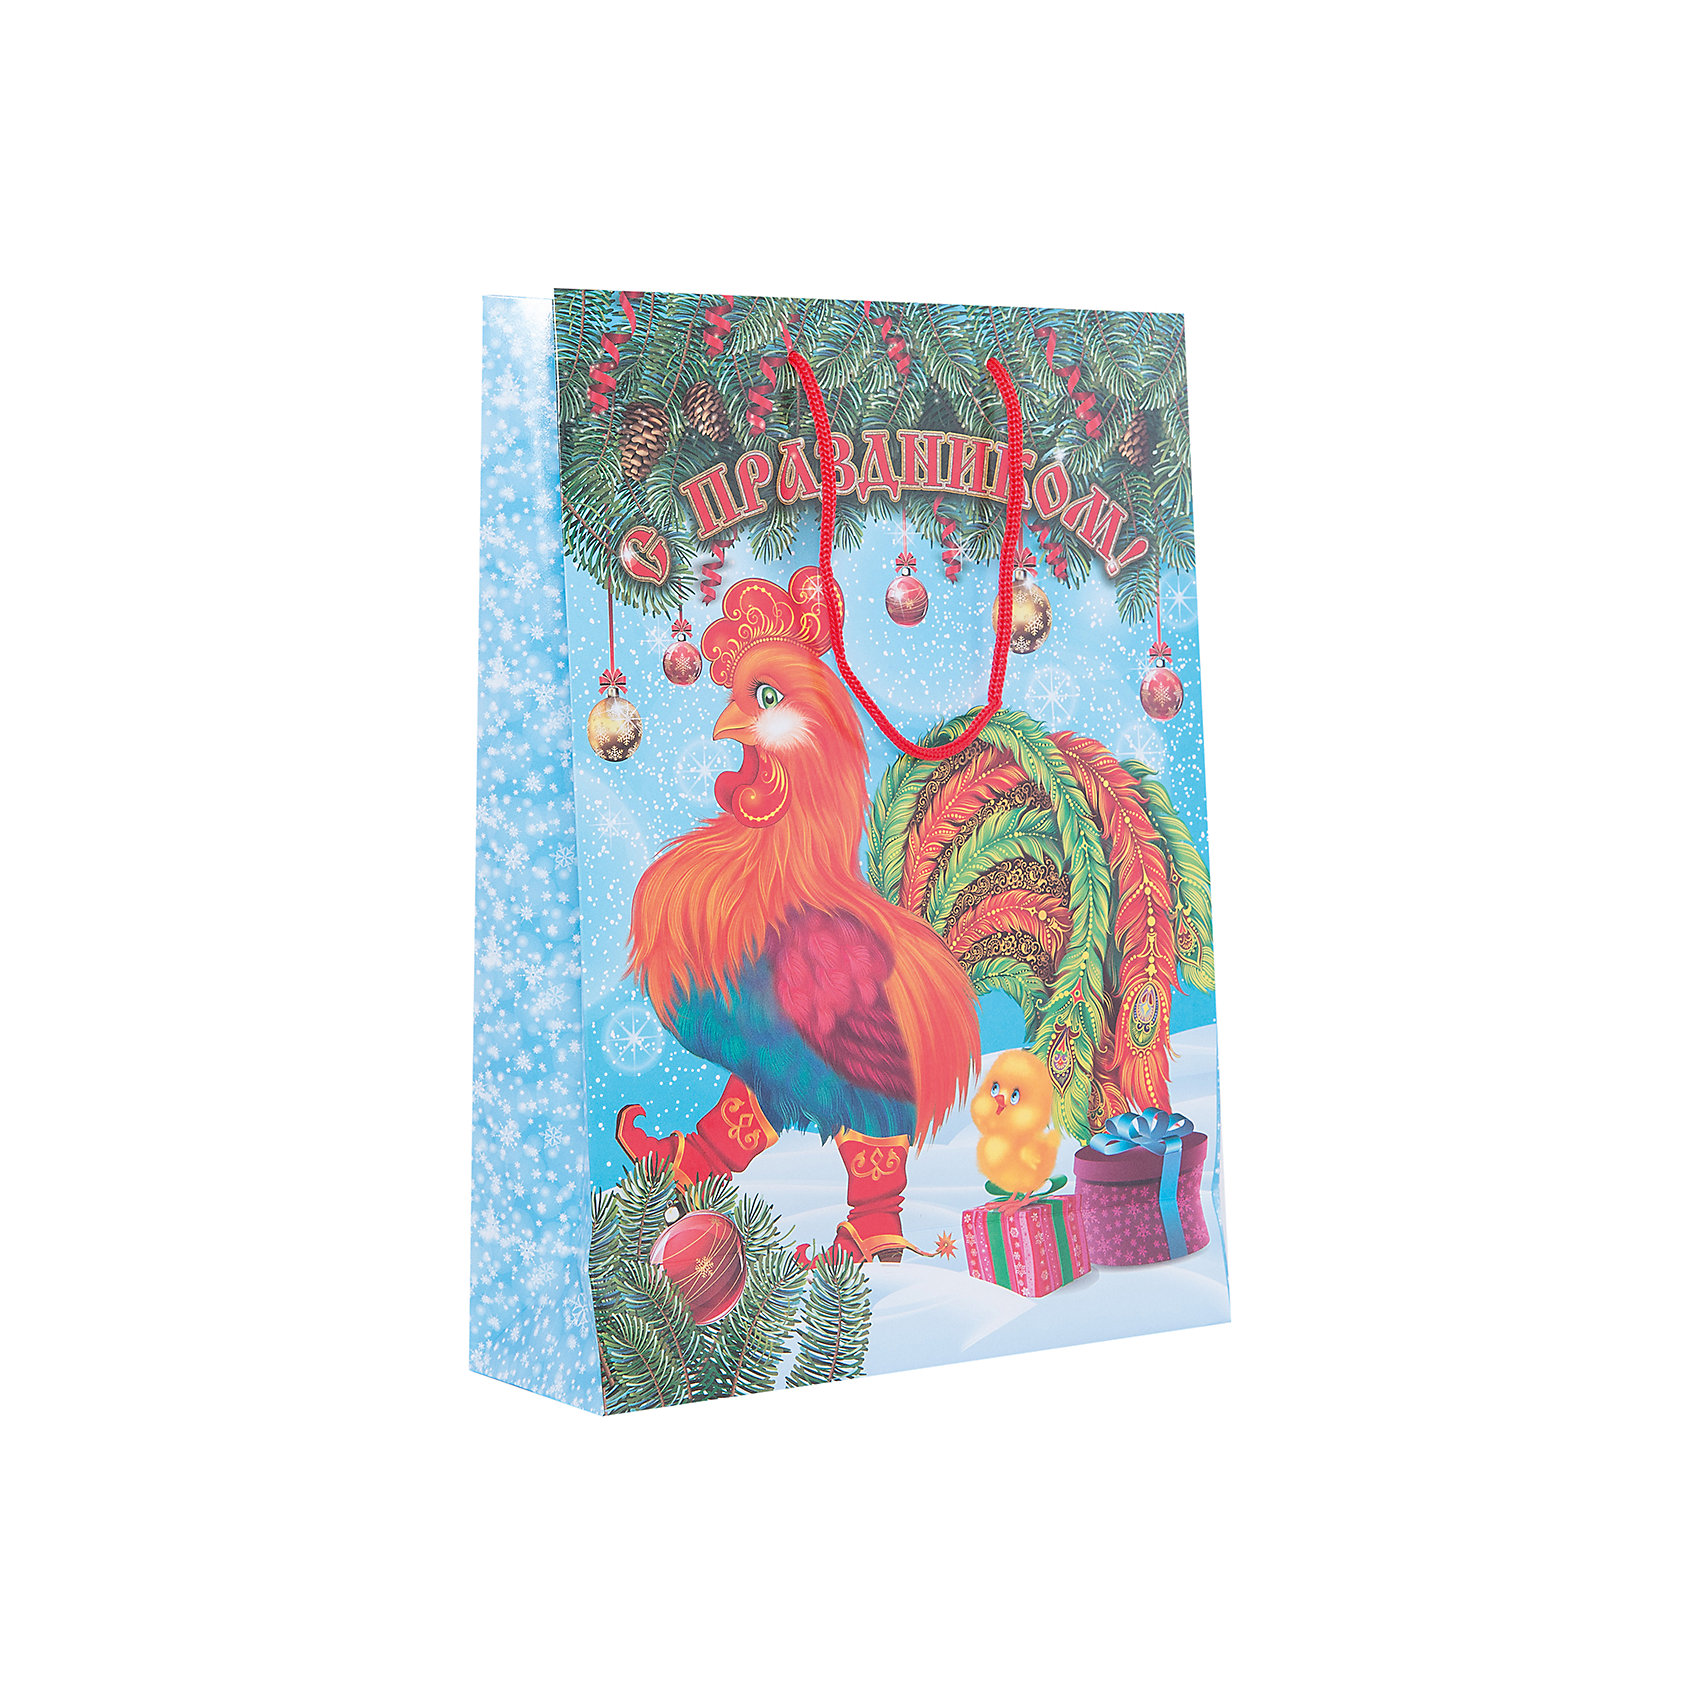 Пакет подарочный  символ года Петух 35х25х10Подарочный бумажный пакет «Петух» с очаровательным символом 2017 года празднично украсит подарок и создаст новогоднее настроение. Размер: 35х25х9 см. В ассортименте вы также сможете найти такой же пакет размером  23х18х10 см.<br><br>Ширина мм: 350<br>Глубина мм: 250<br>Высота мм: 3<br>Вес г: 78<br>Возраст от месяцев: 36<br>Возраст до месяцев: 120<br>Пол: Унисекс<br>Возраст: Детский<br>SKU: 5016452